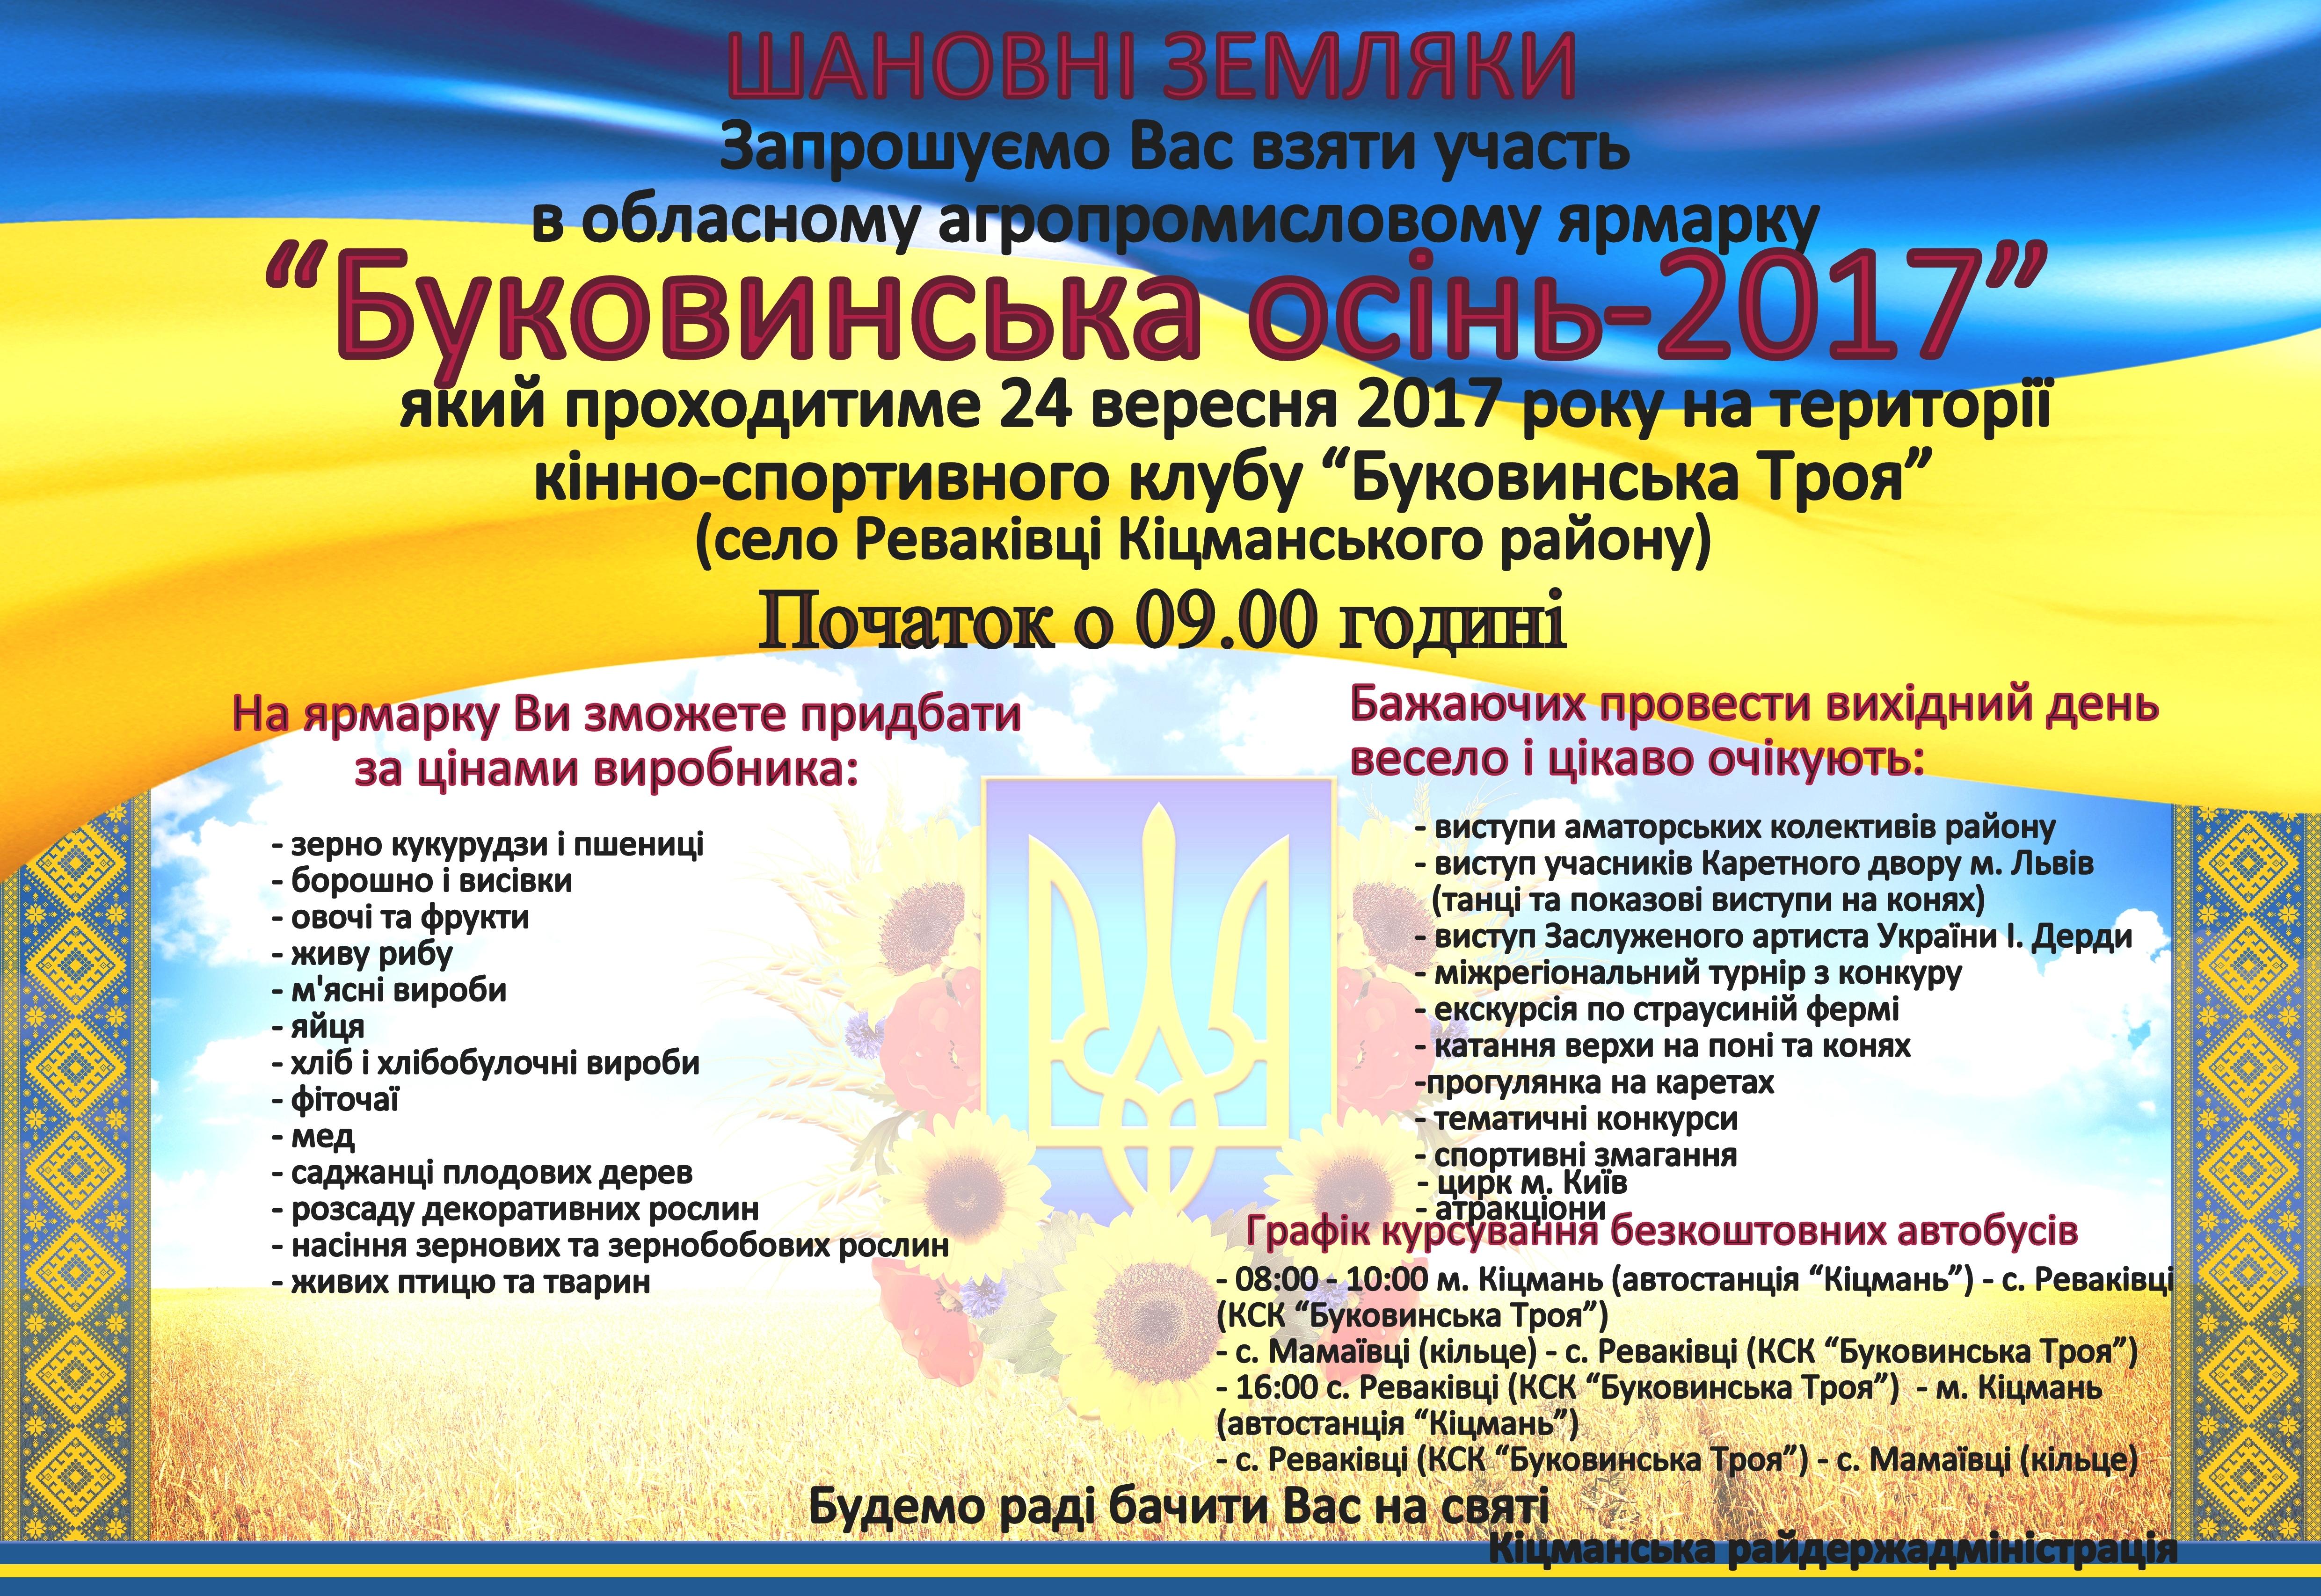 24 вересня відбудеться обласна агропромислова виставка-ярмарок ... c53337a8a2ad6